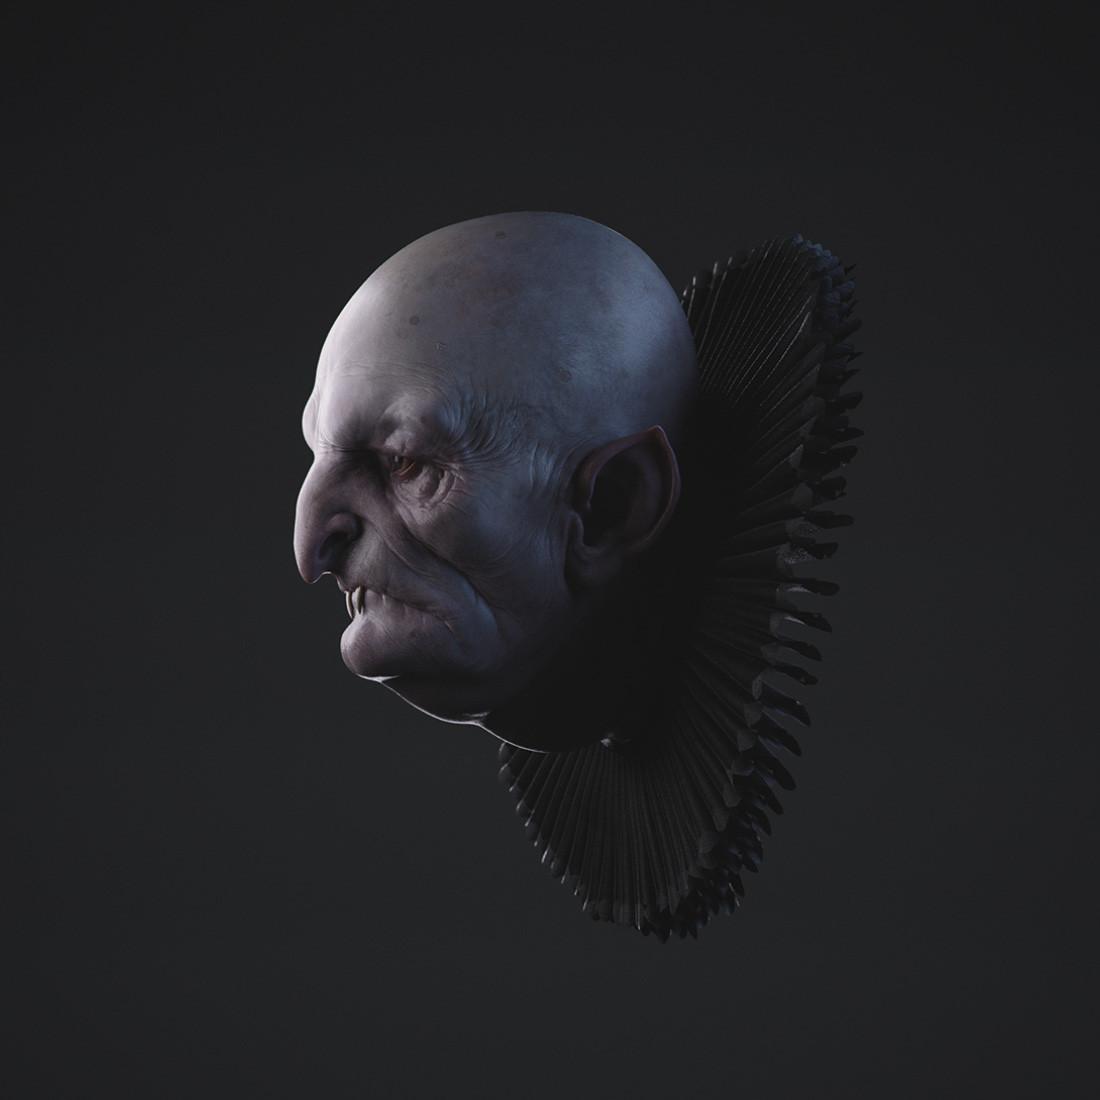 Martin nikolov vampy01